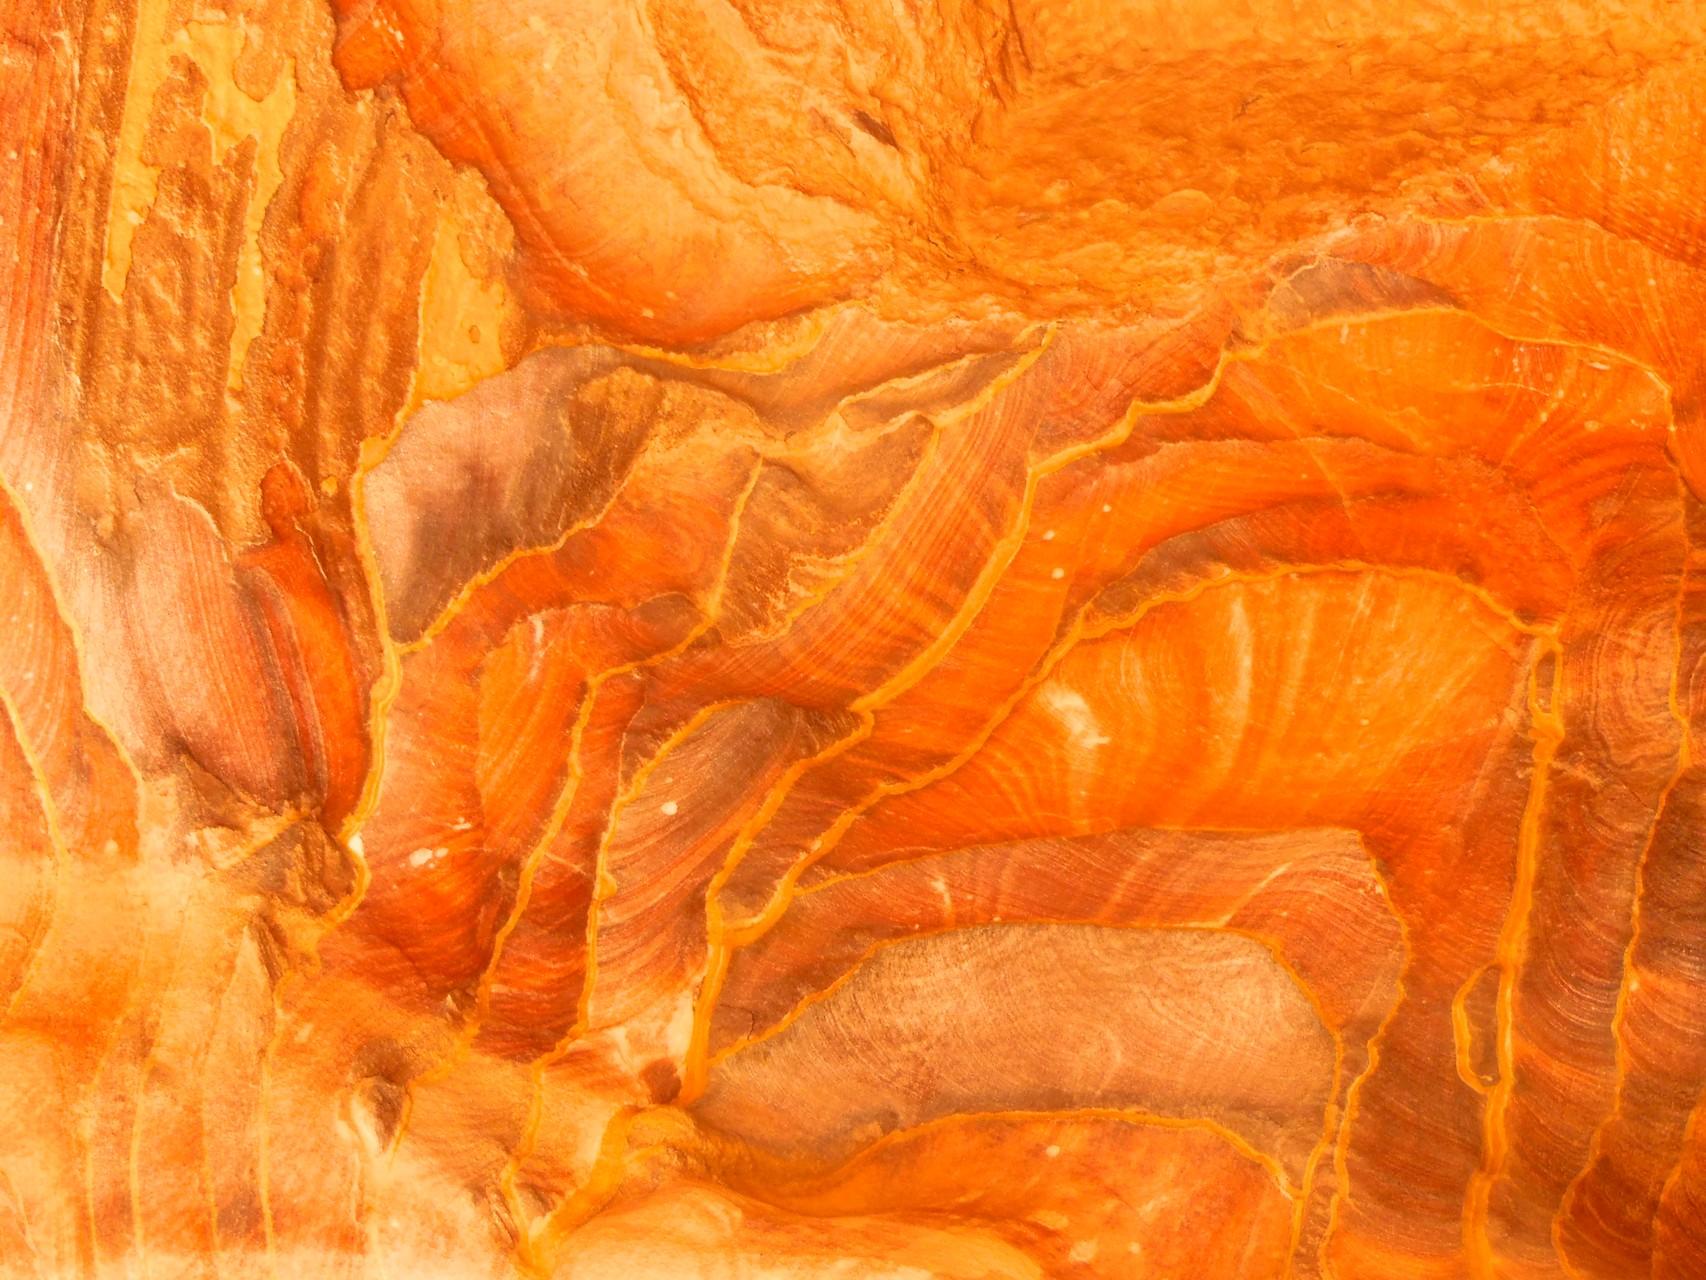 何万年も砂が蓄積されて、マーブル模様みたい